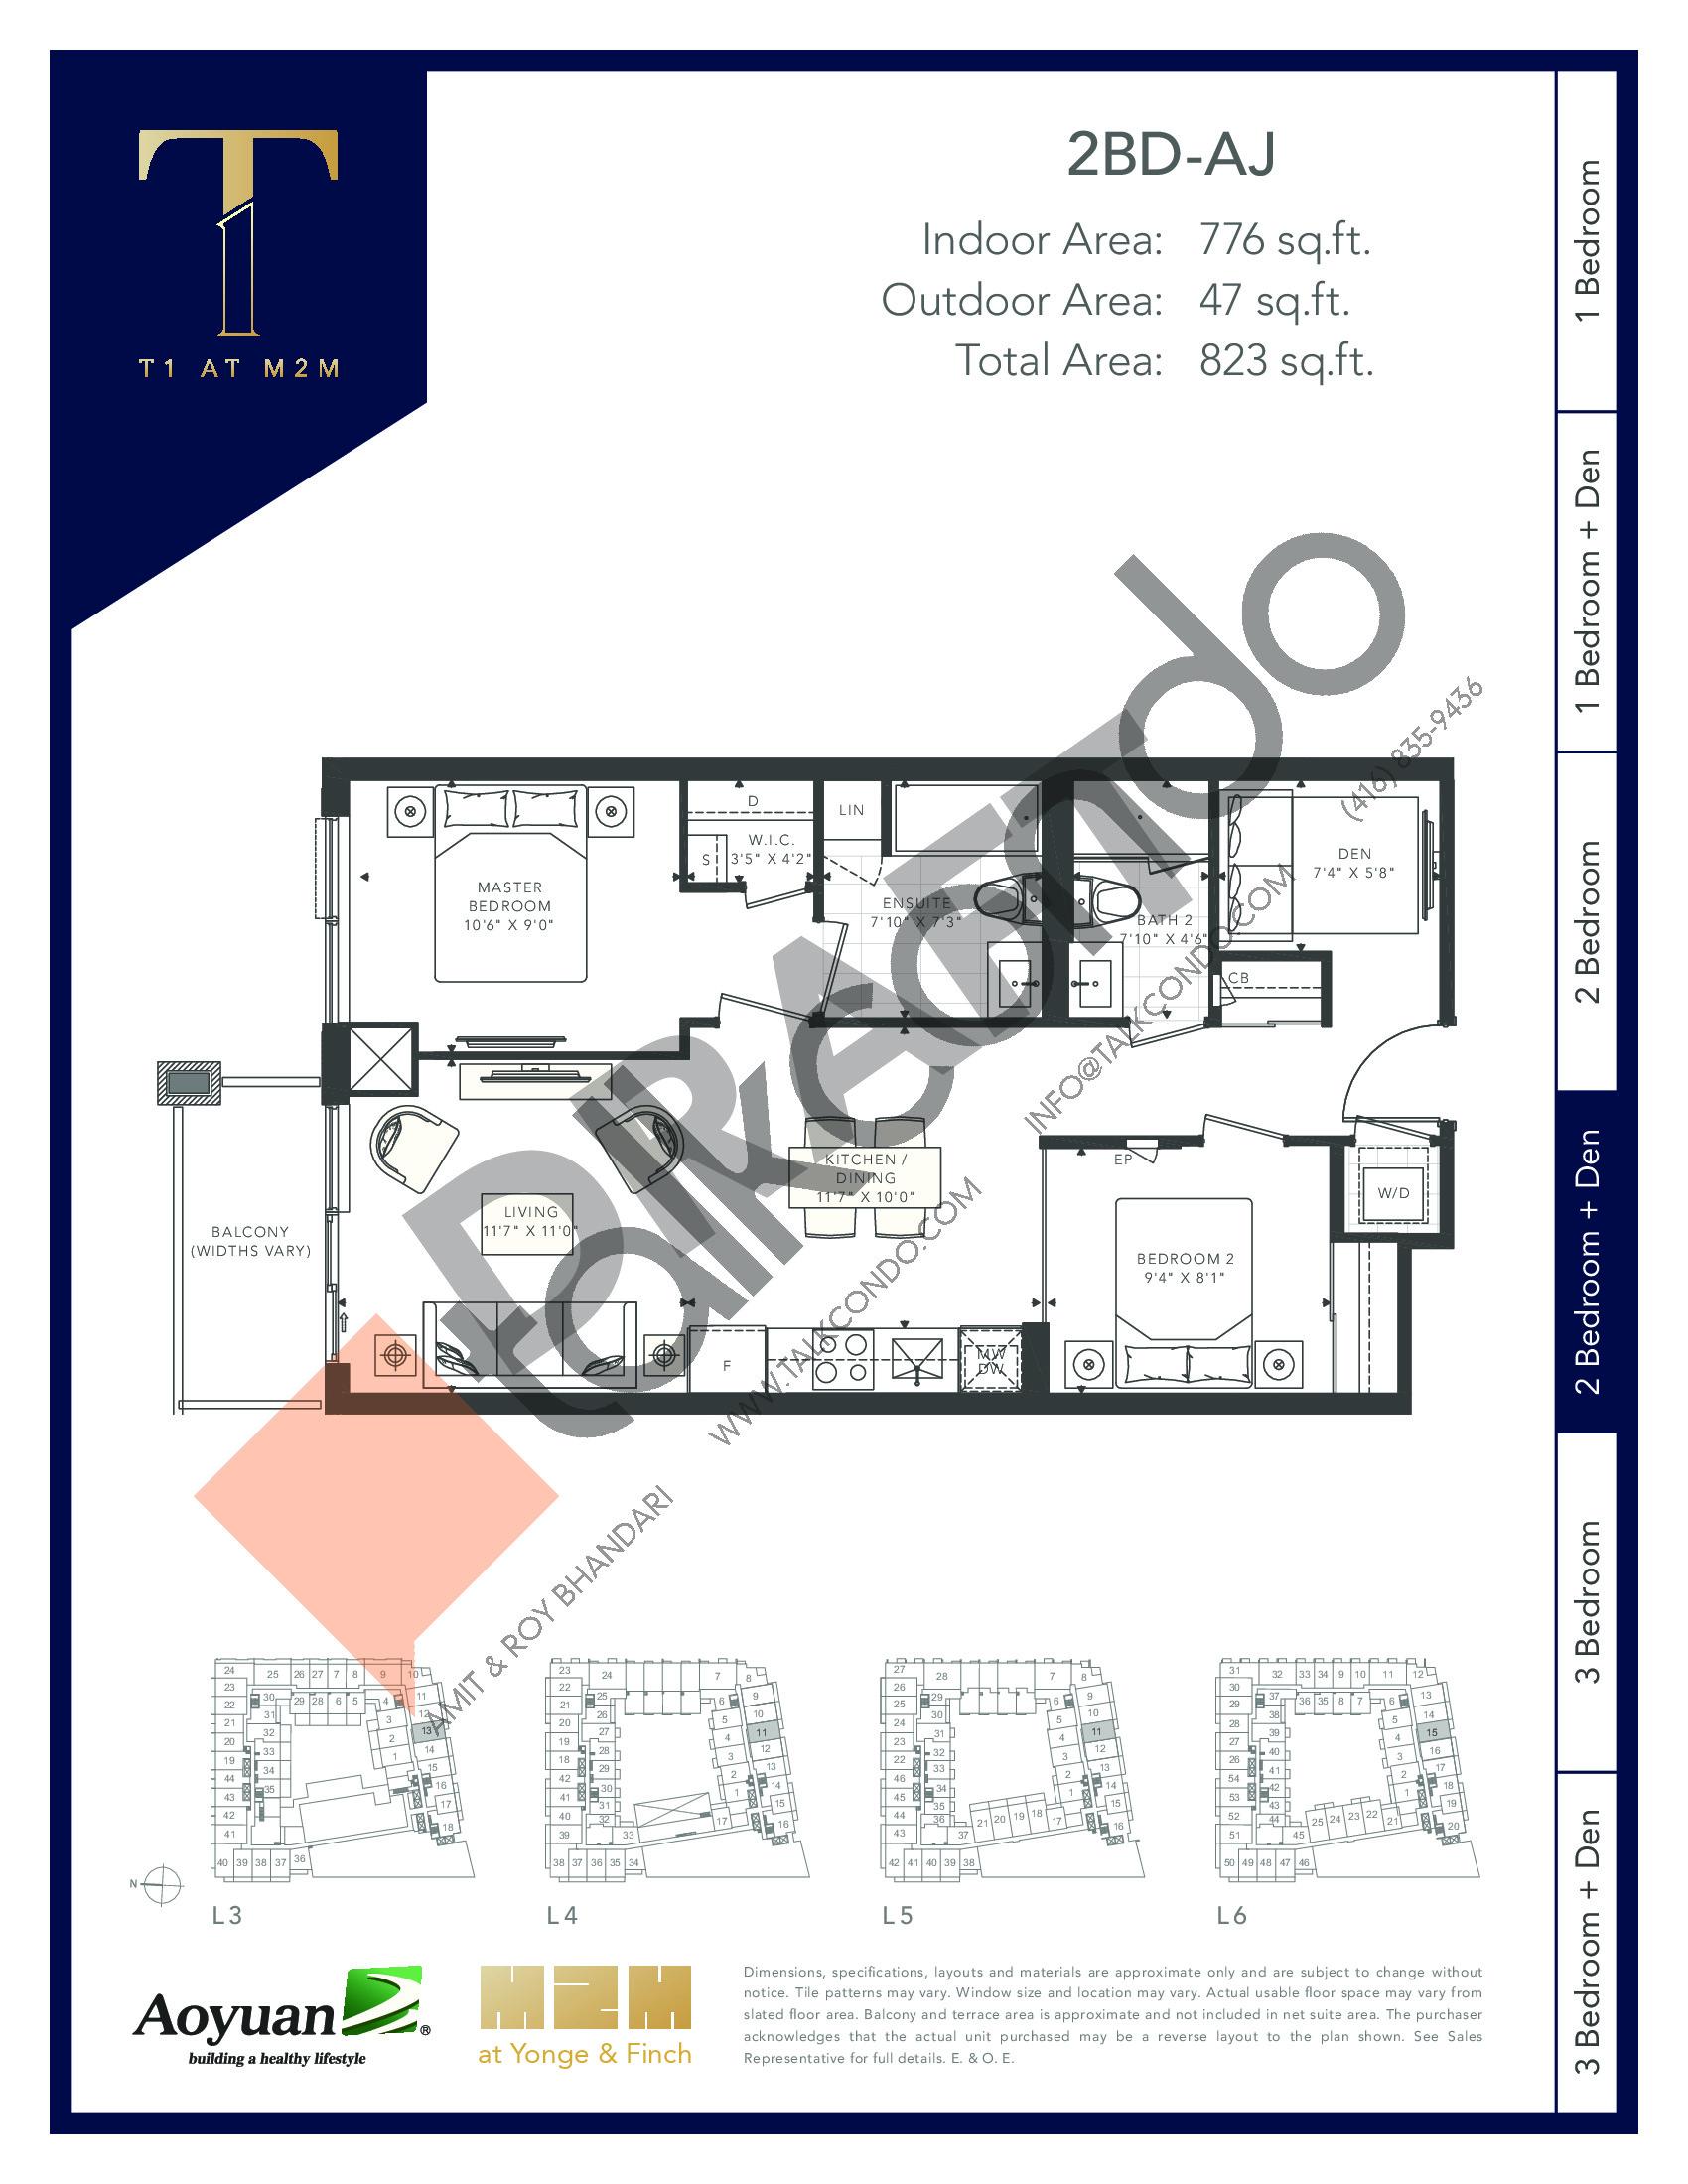 2BD-AJ (Podium) Floor Plan at T1 at M2M Condos - 776 sq.ft